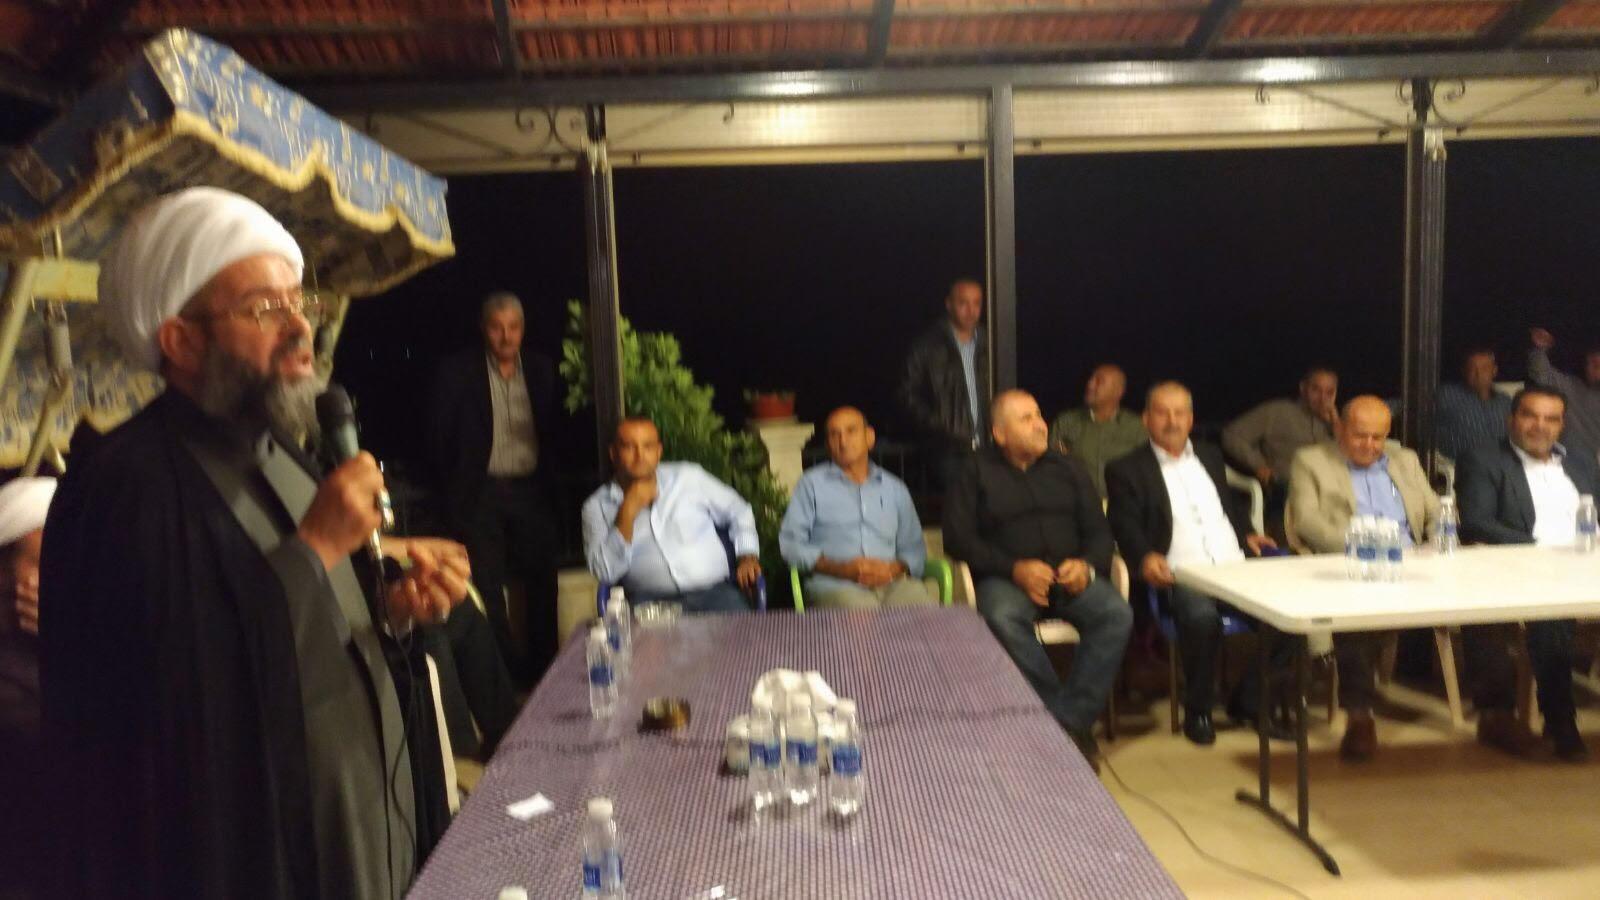 مراسم بزرگداشت شهادت امام سجاد (ع) در لبنان برگزار شد